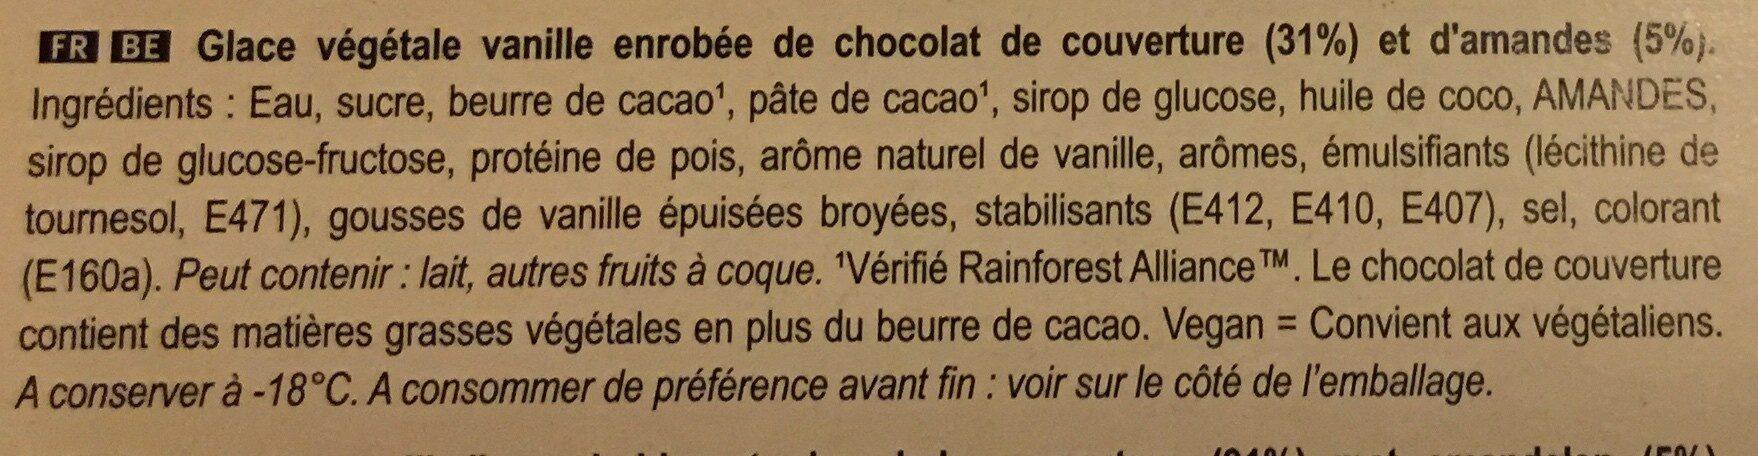 Magnum Vegan Almond - Ingrediënten - en